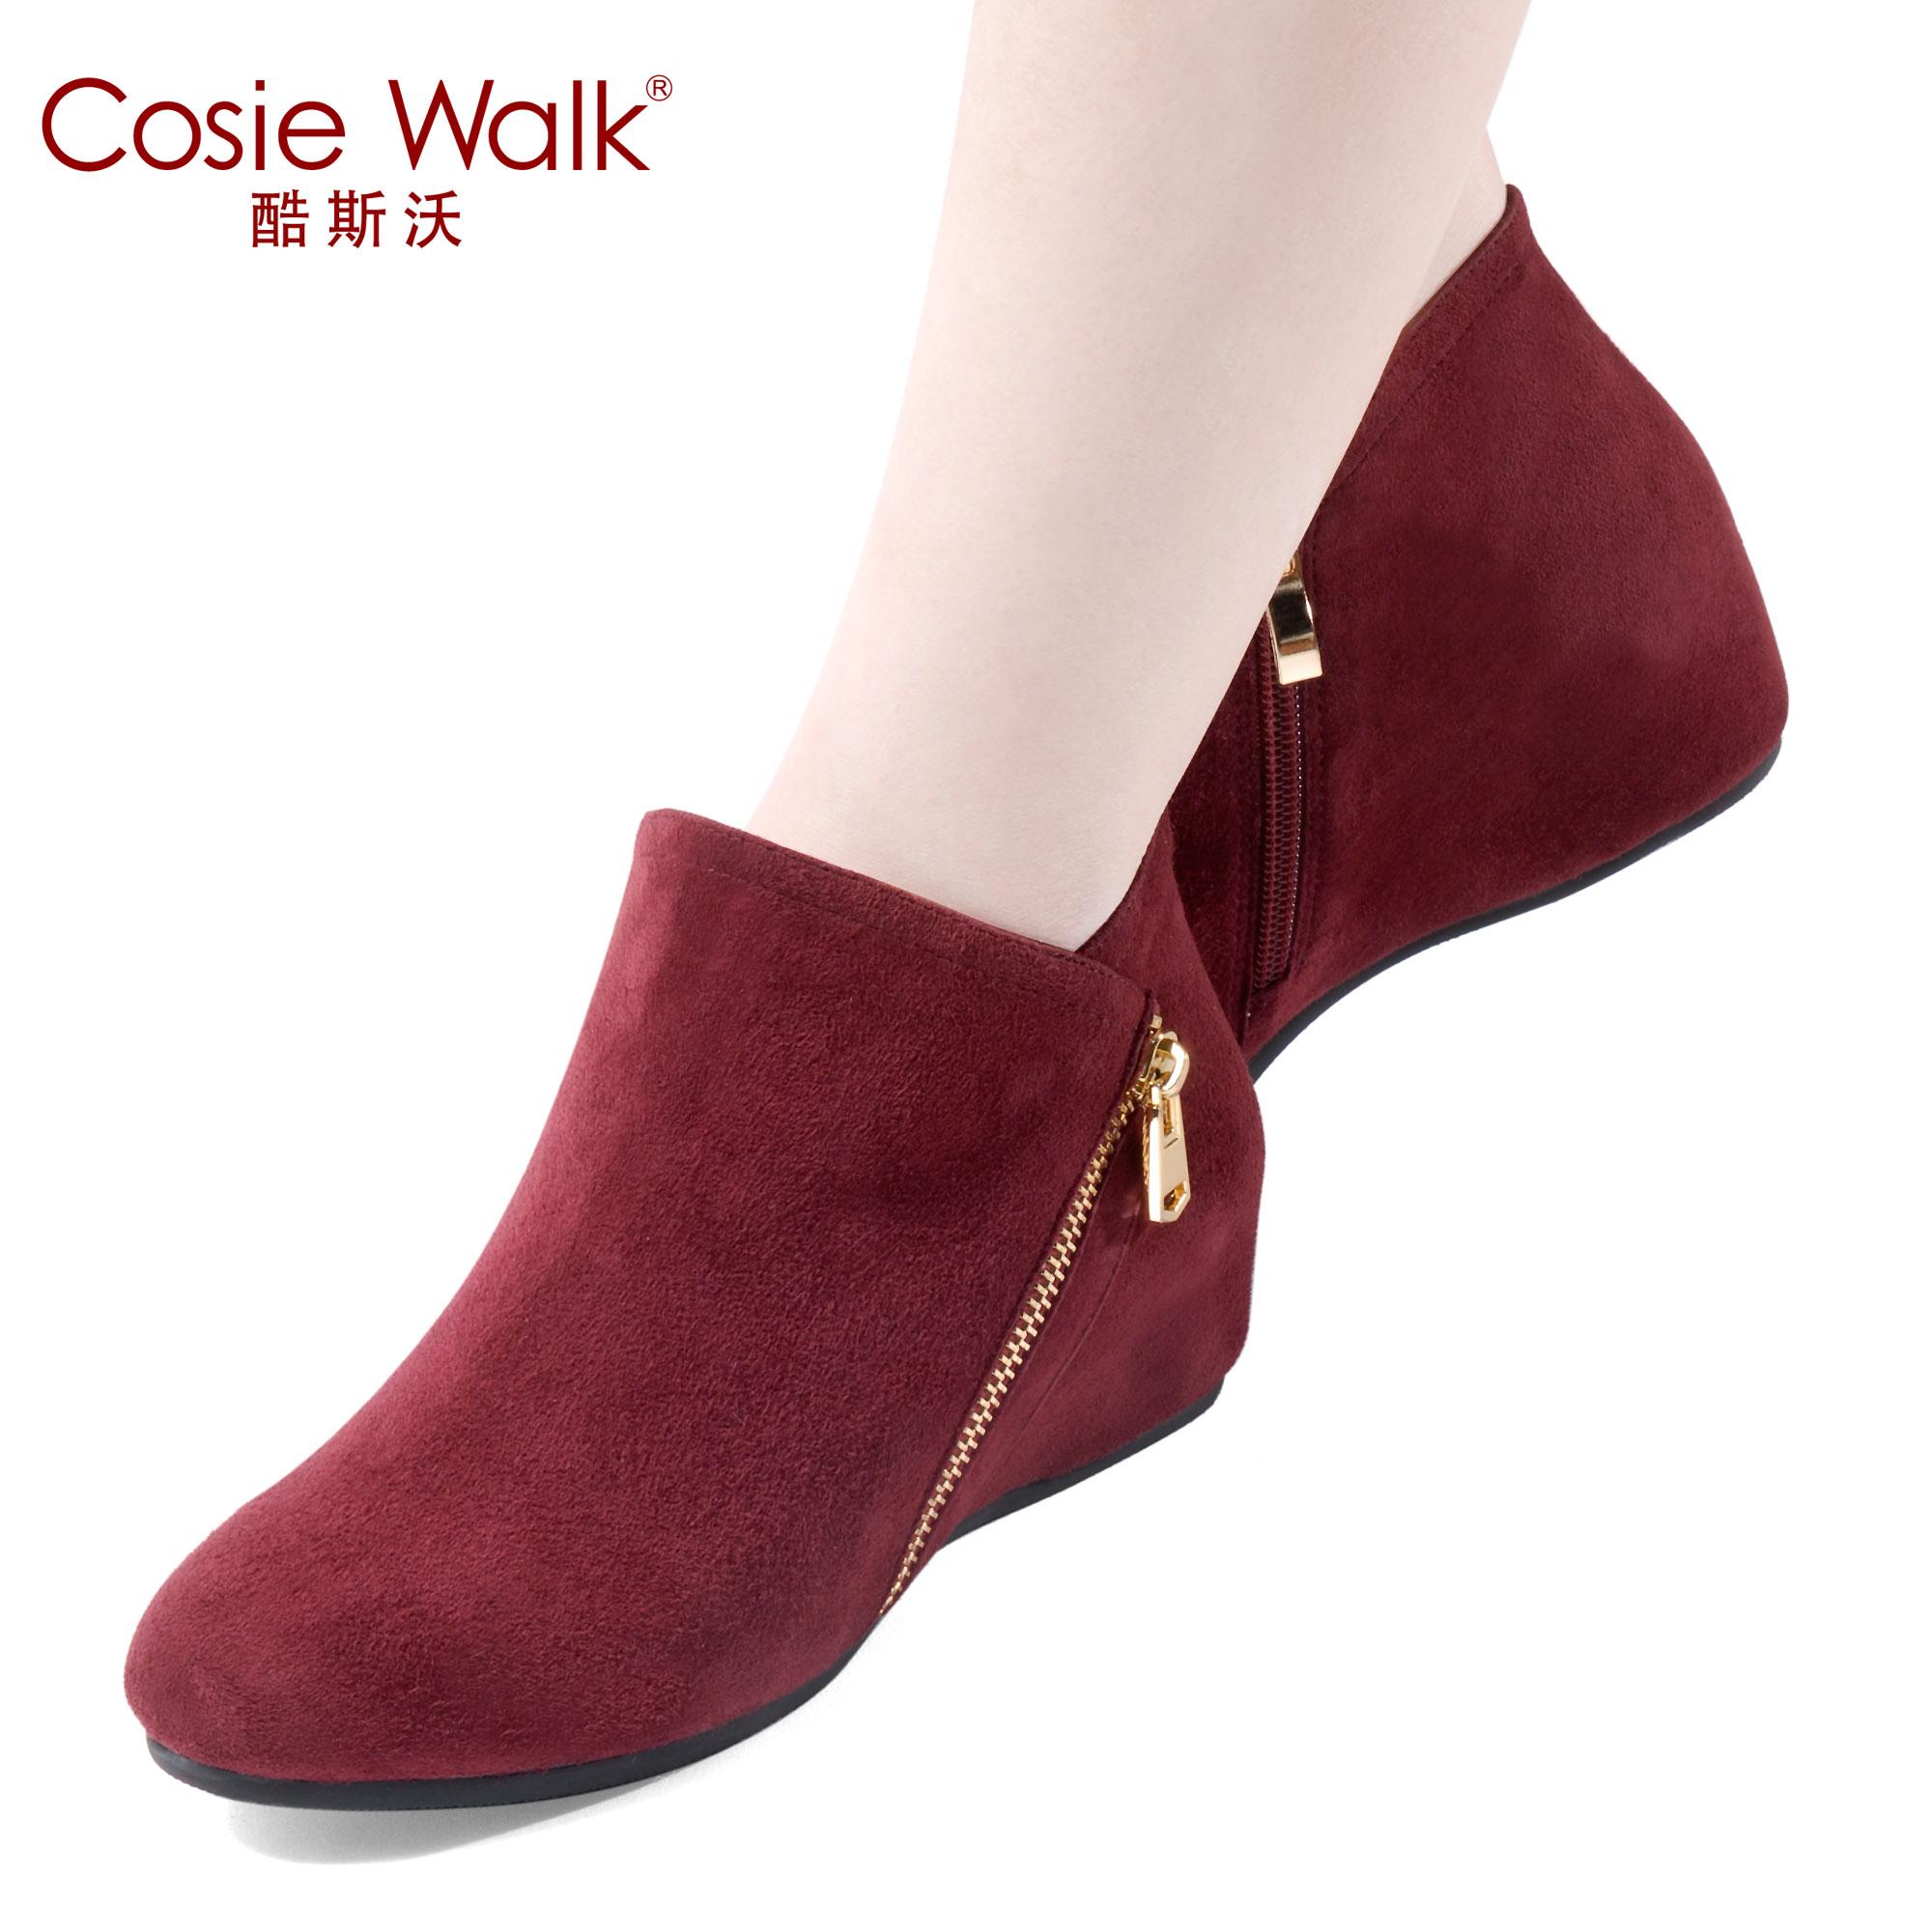 内增高磨砂皮短筒踝靴秋冬女鞋拉链真皮单靴大码中跟裸靴平底短靴